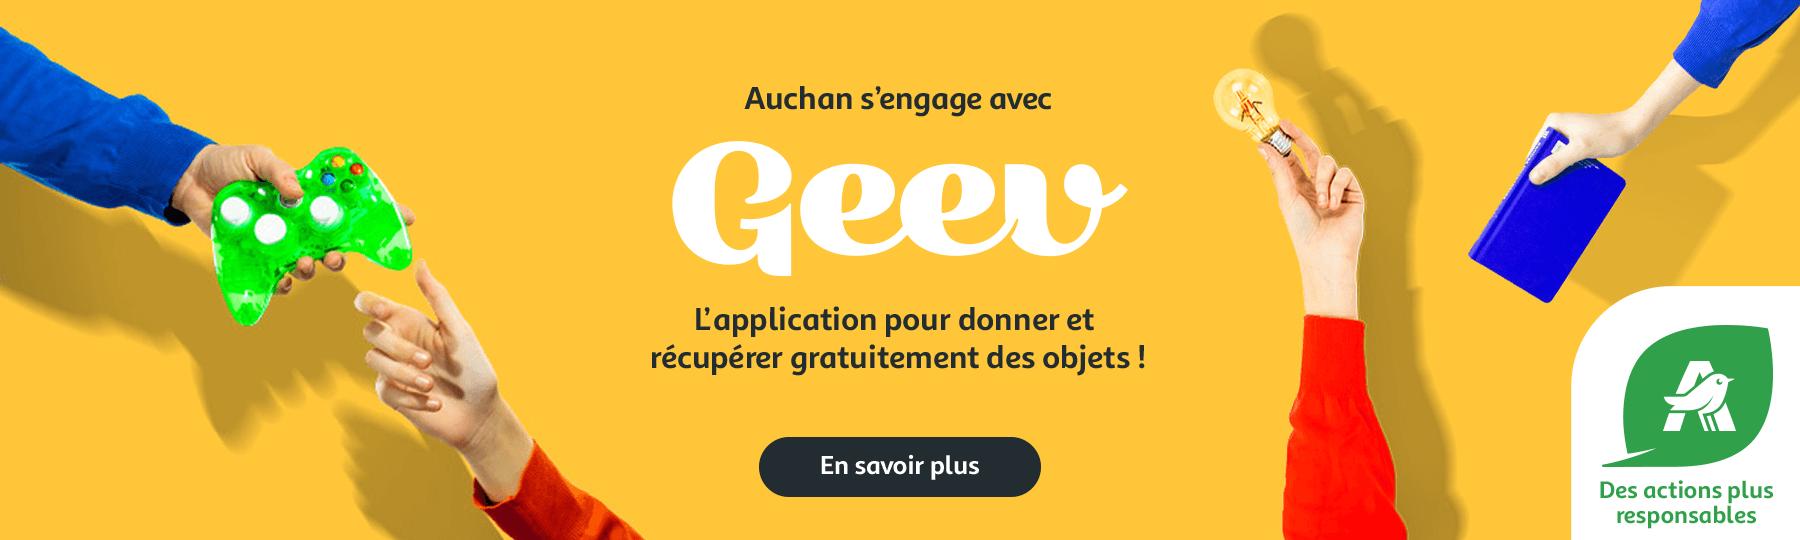 Auchan s'engage avec Geev, l'application pour donner et récupérer gratuitement des objets.